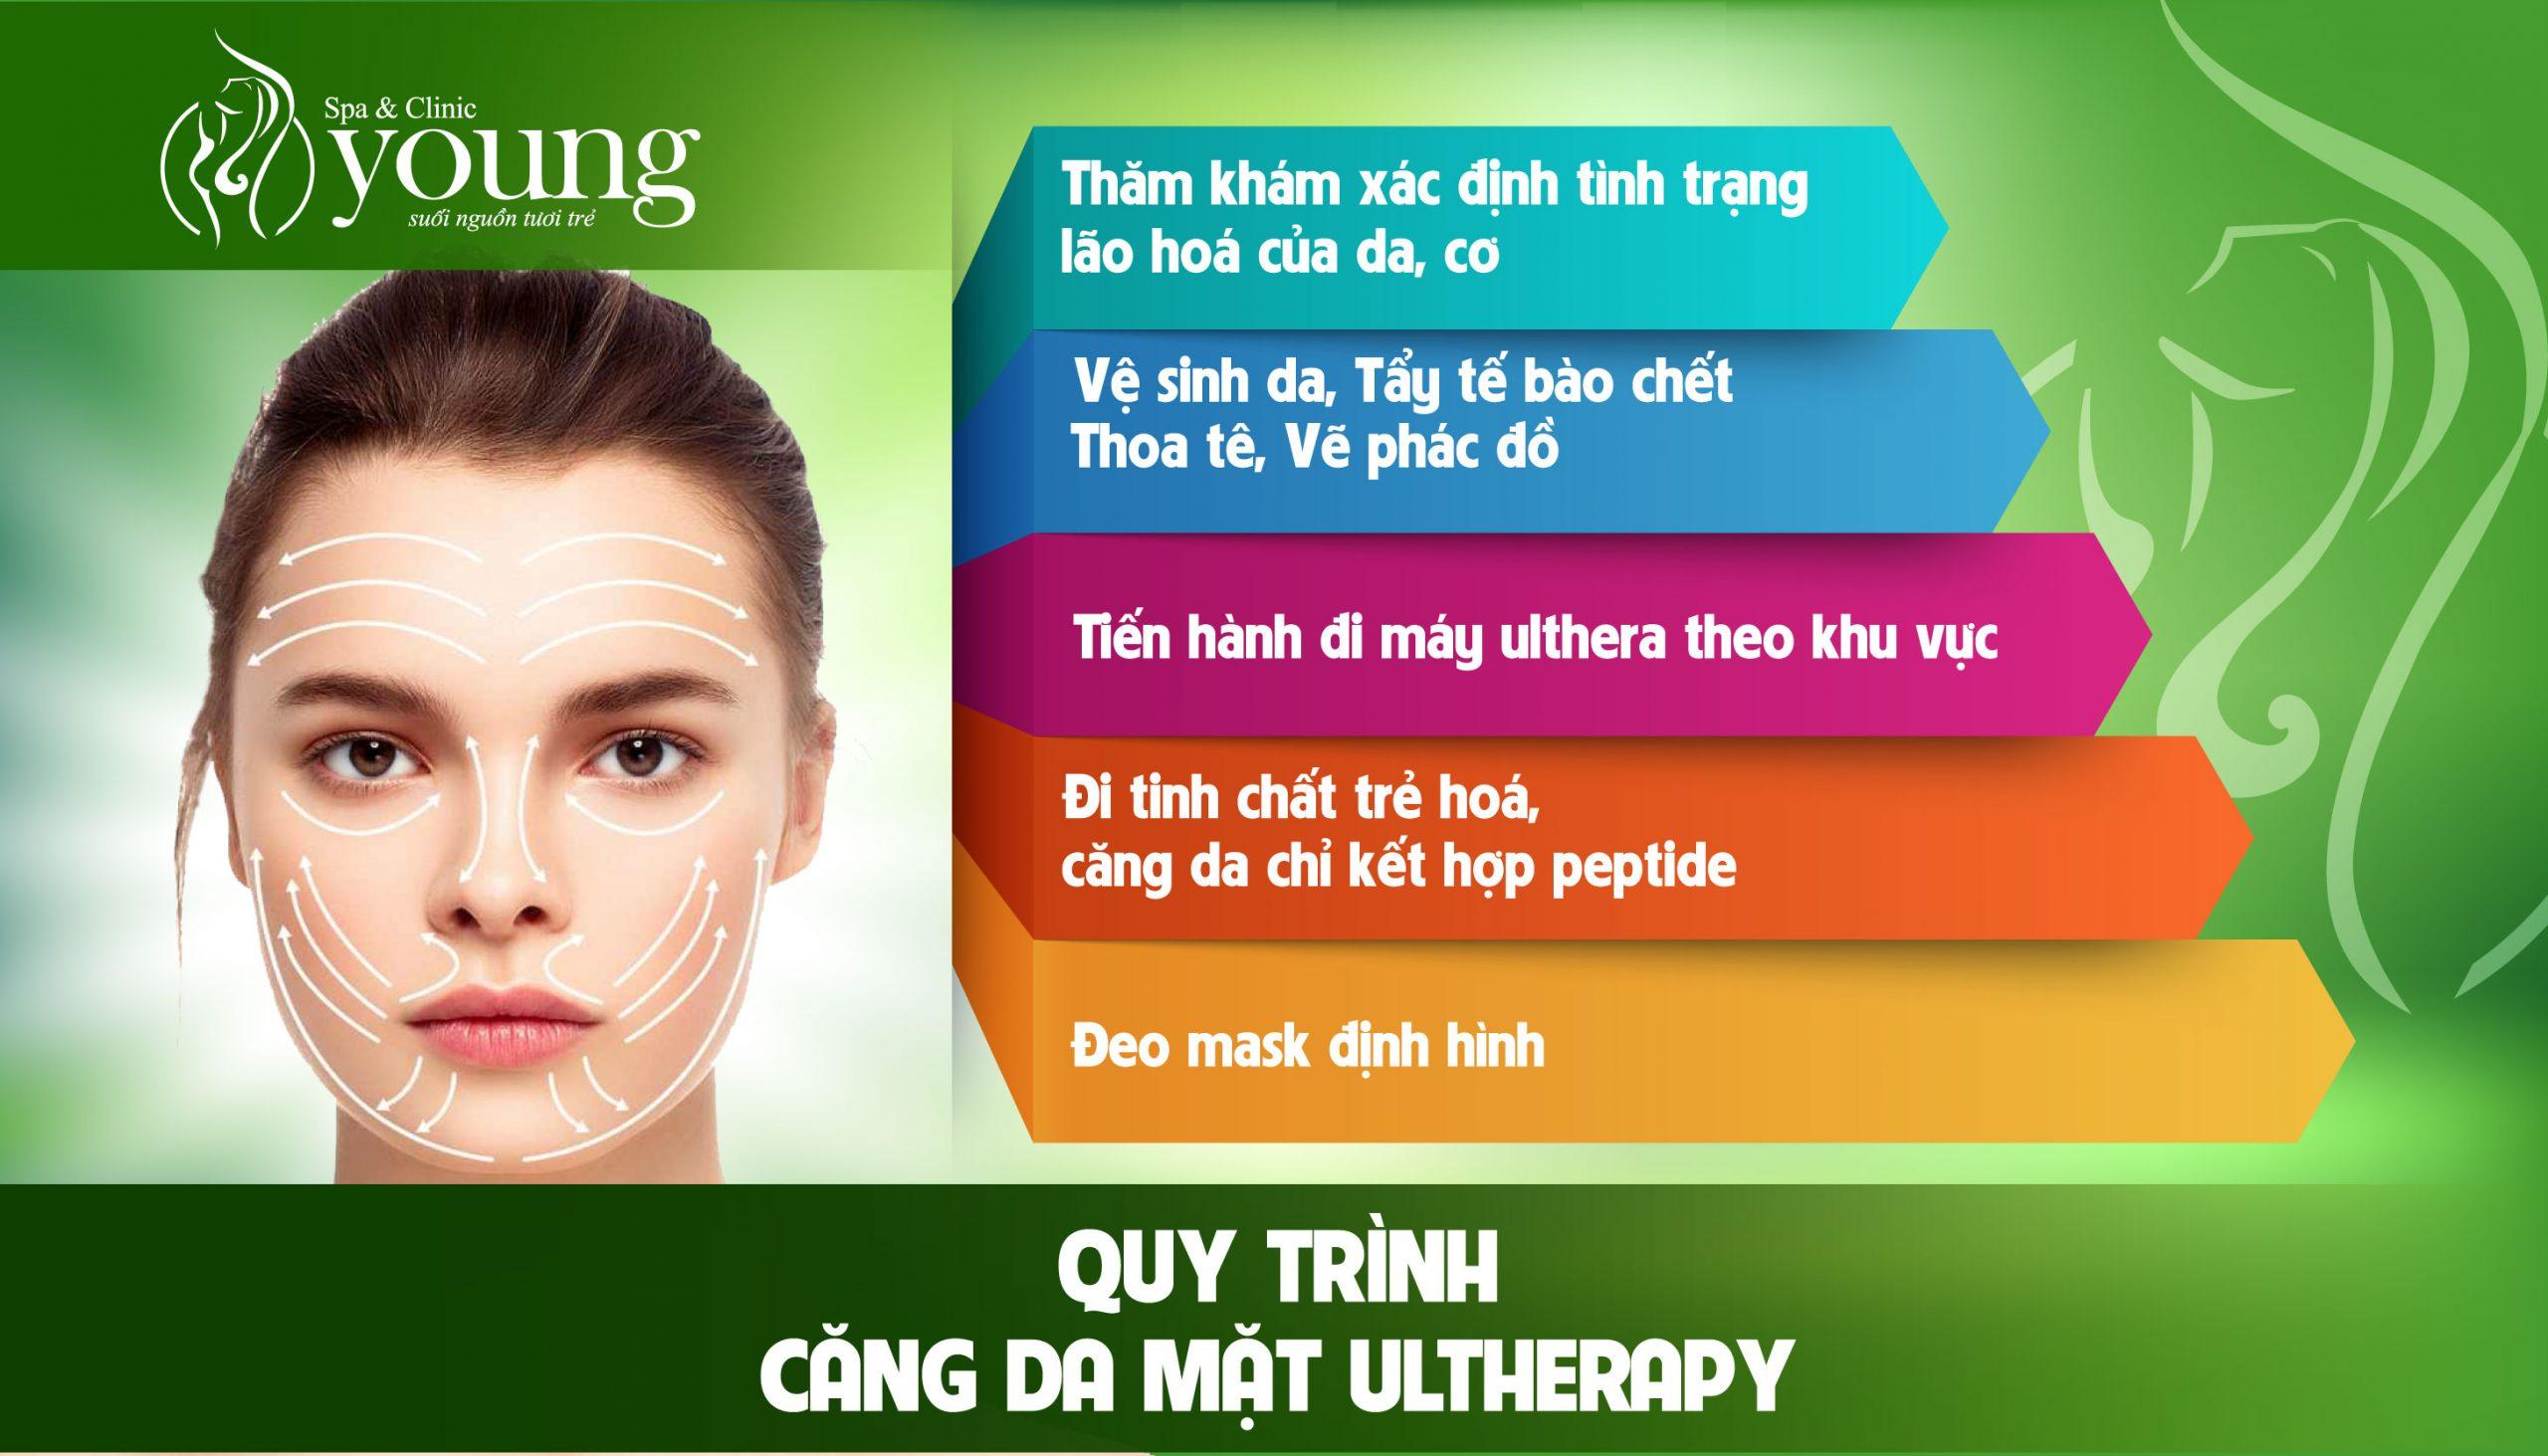 Công Nghệ Nâng Cơ Ultherapy Trẻ Hóa Làn Da tại Young Spa